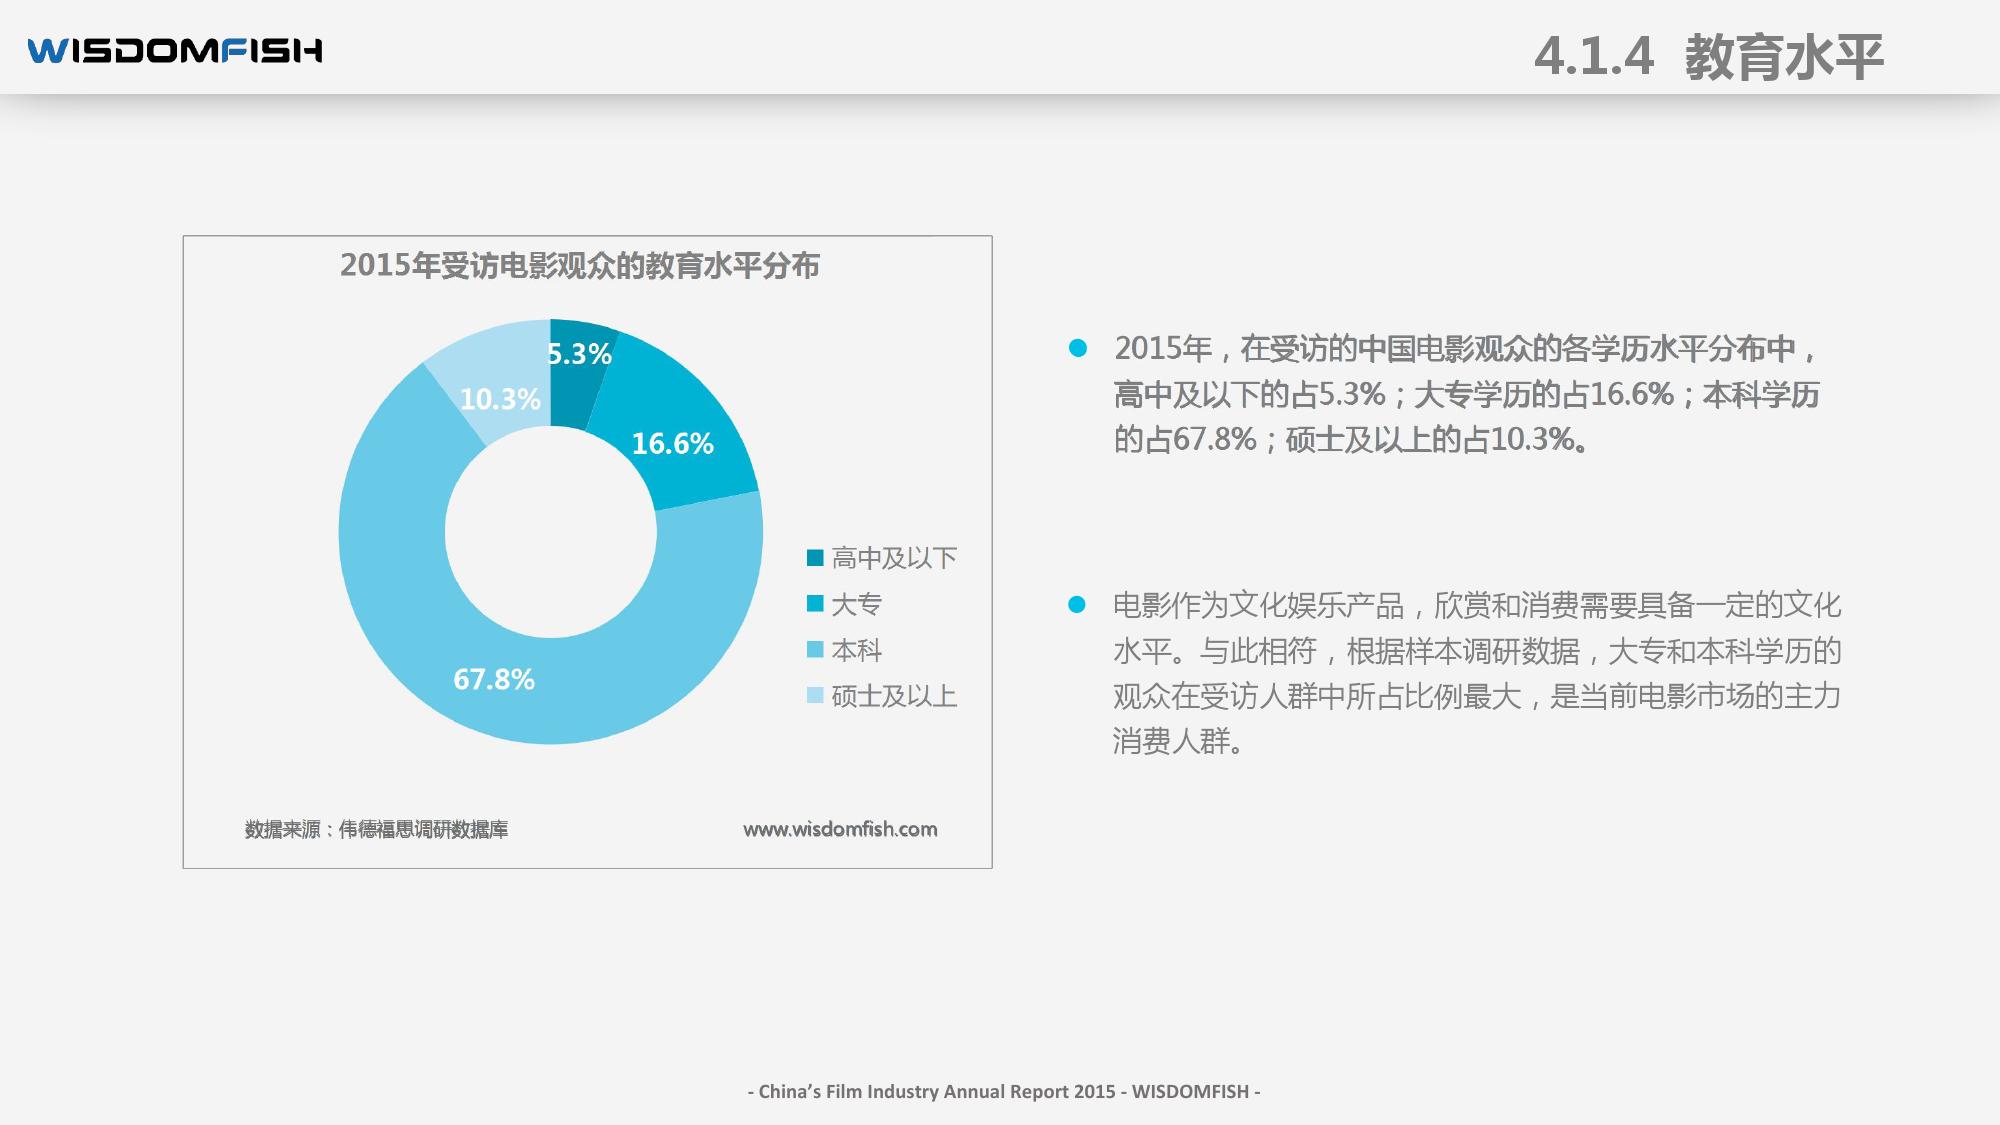 2015年度中国电影产业报告_000050